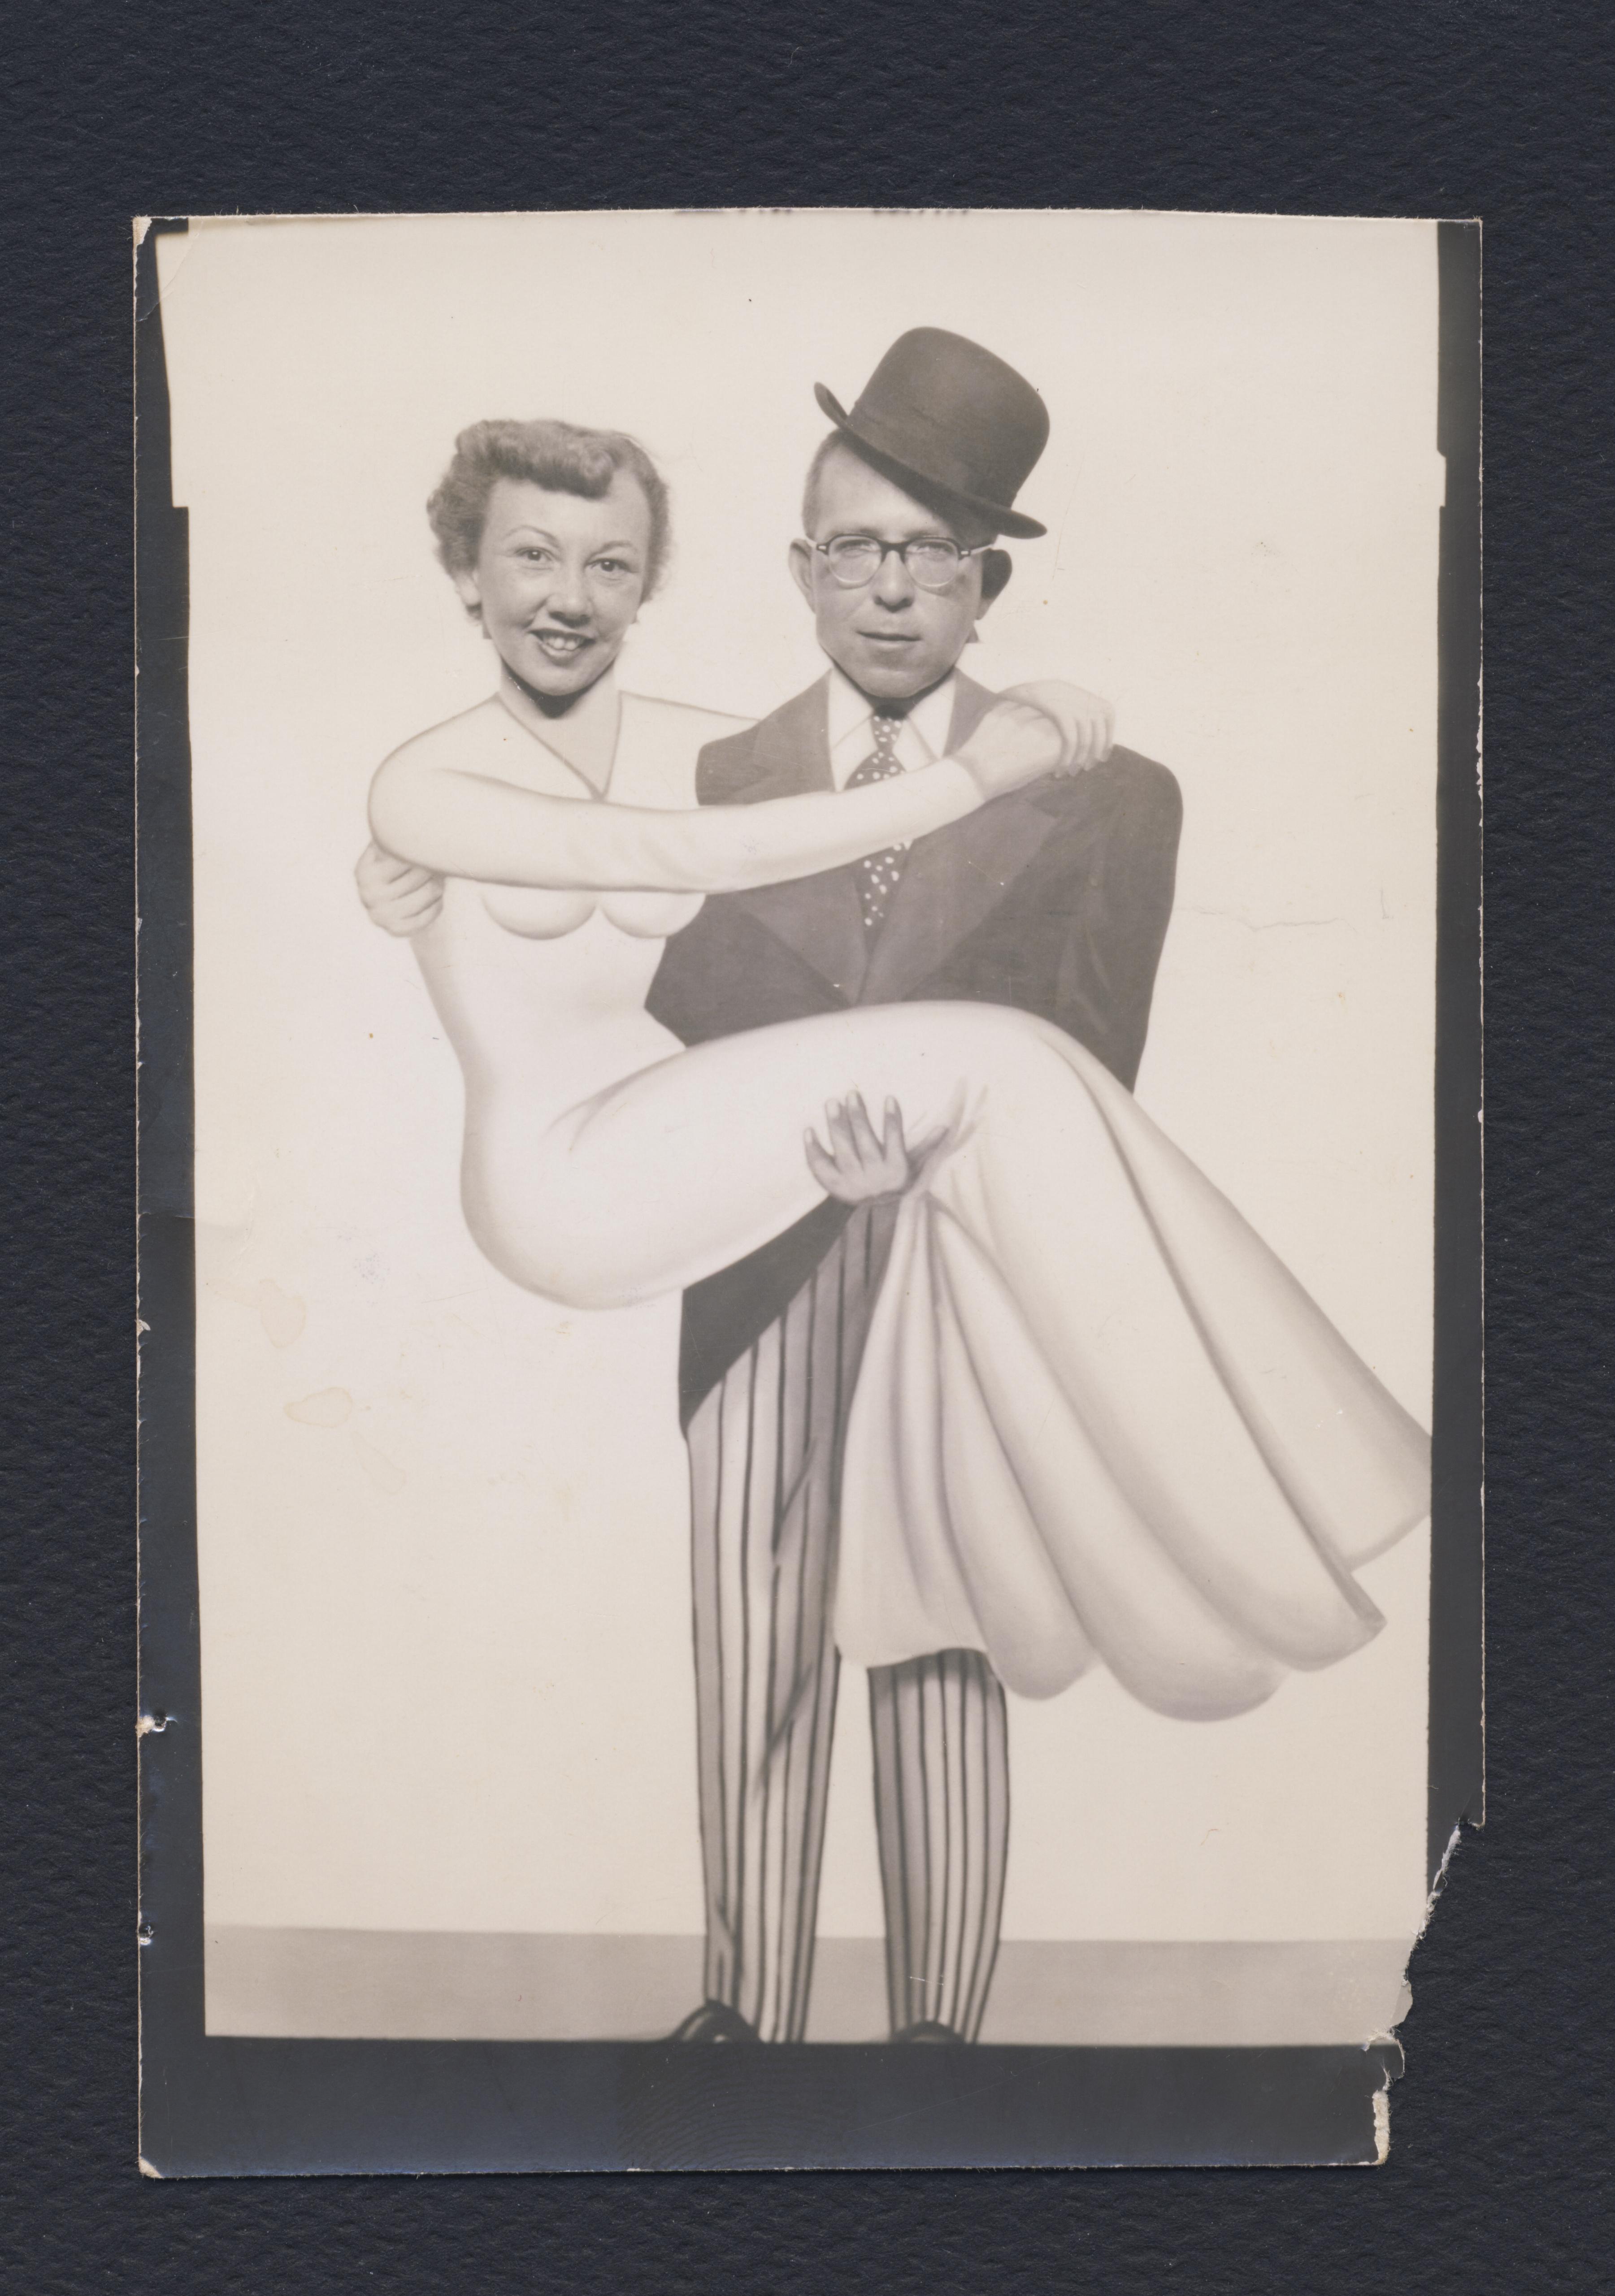 1945Honeymoon Photo 21200dpi